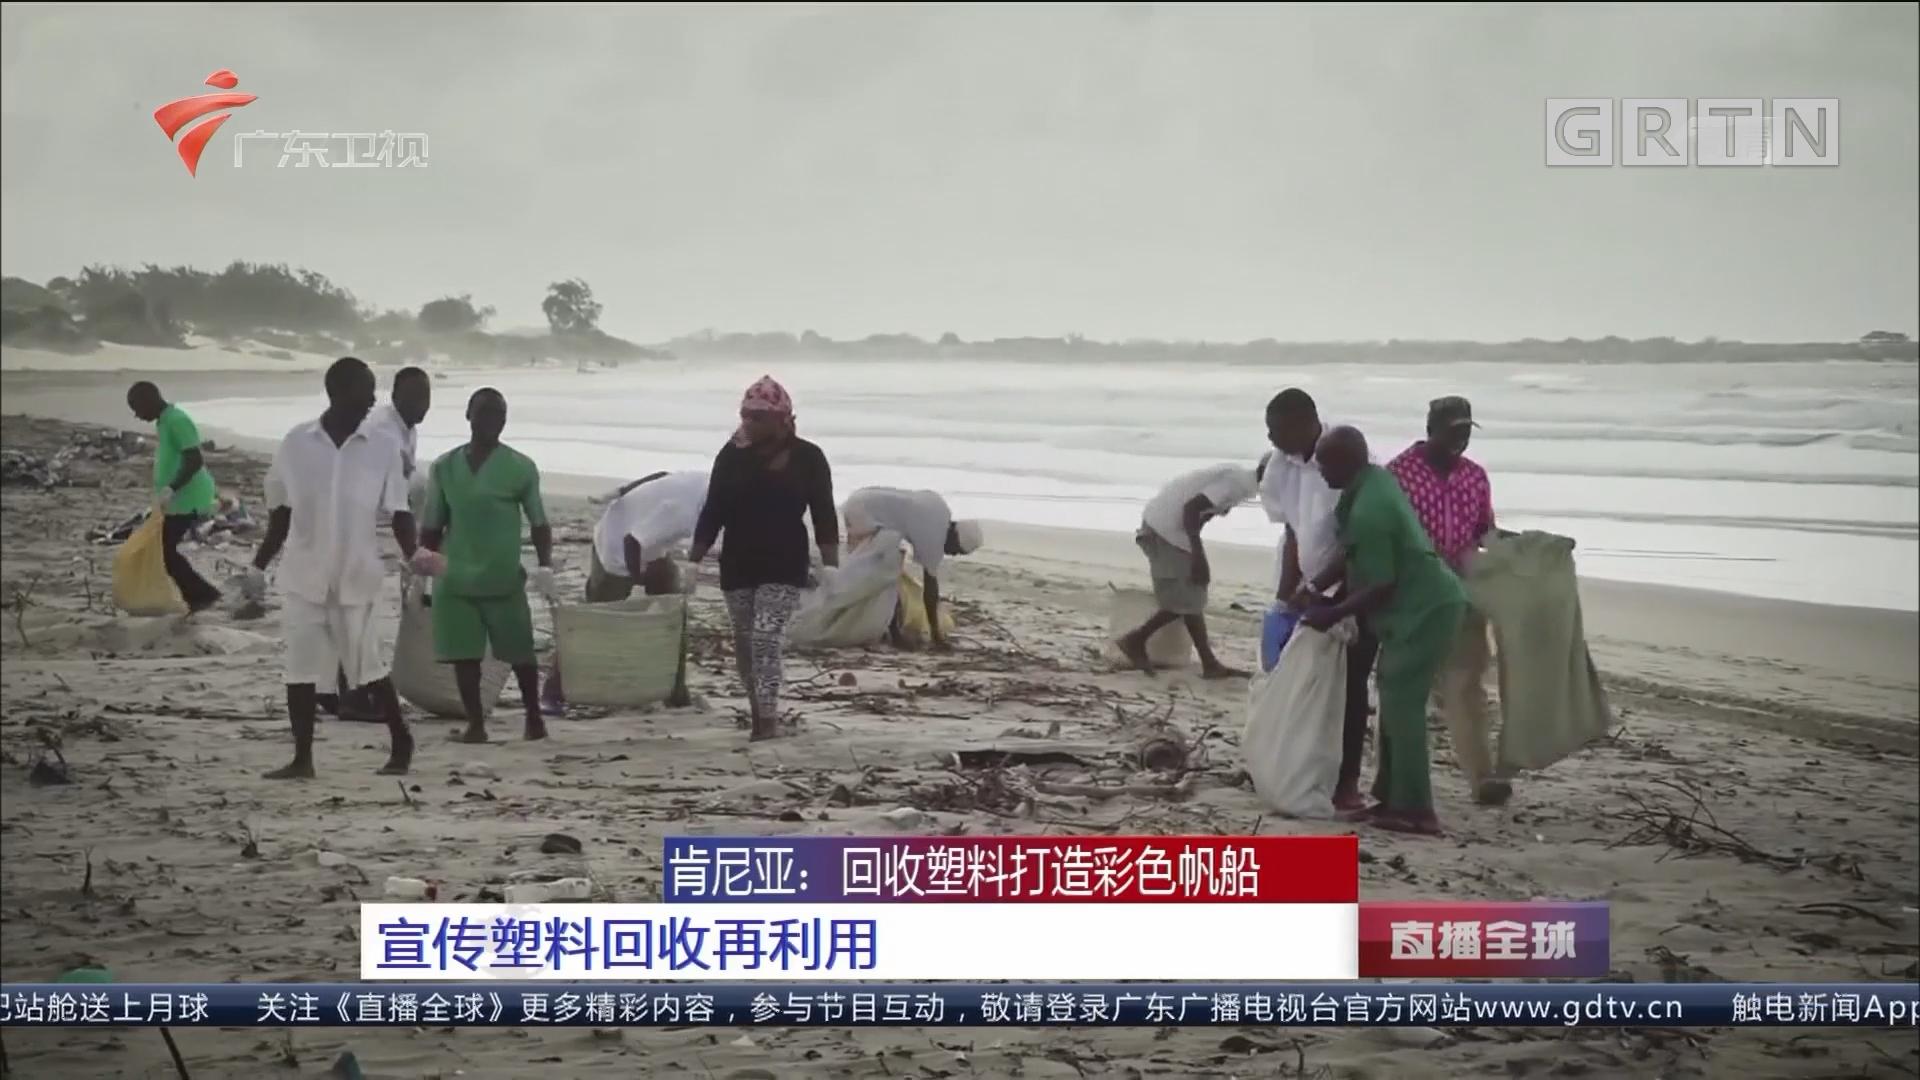 肯尼亚:回收塑料打造彩色帆船 宣传塑料回收再利用